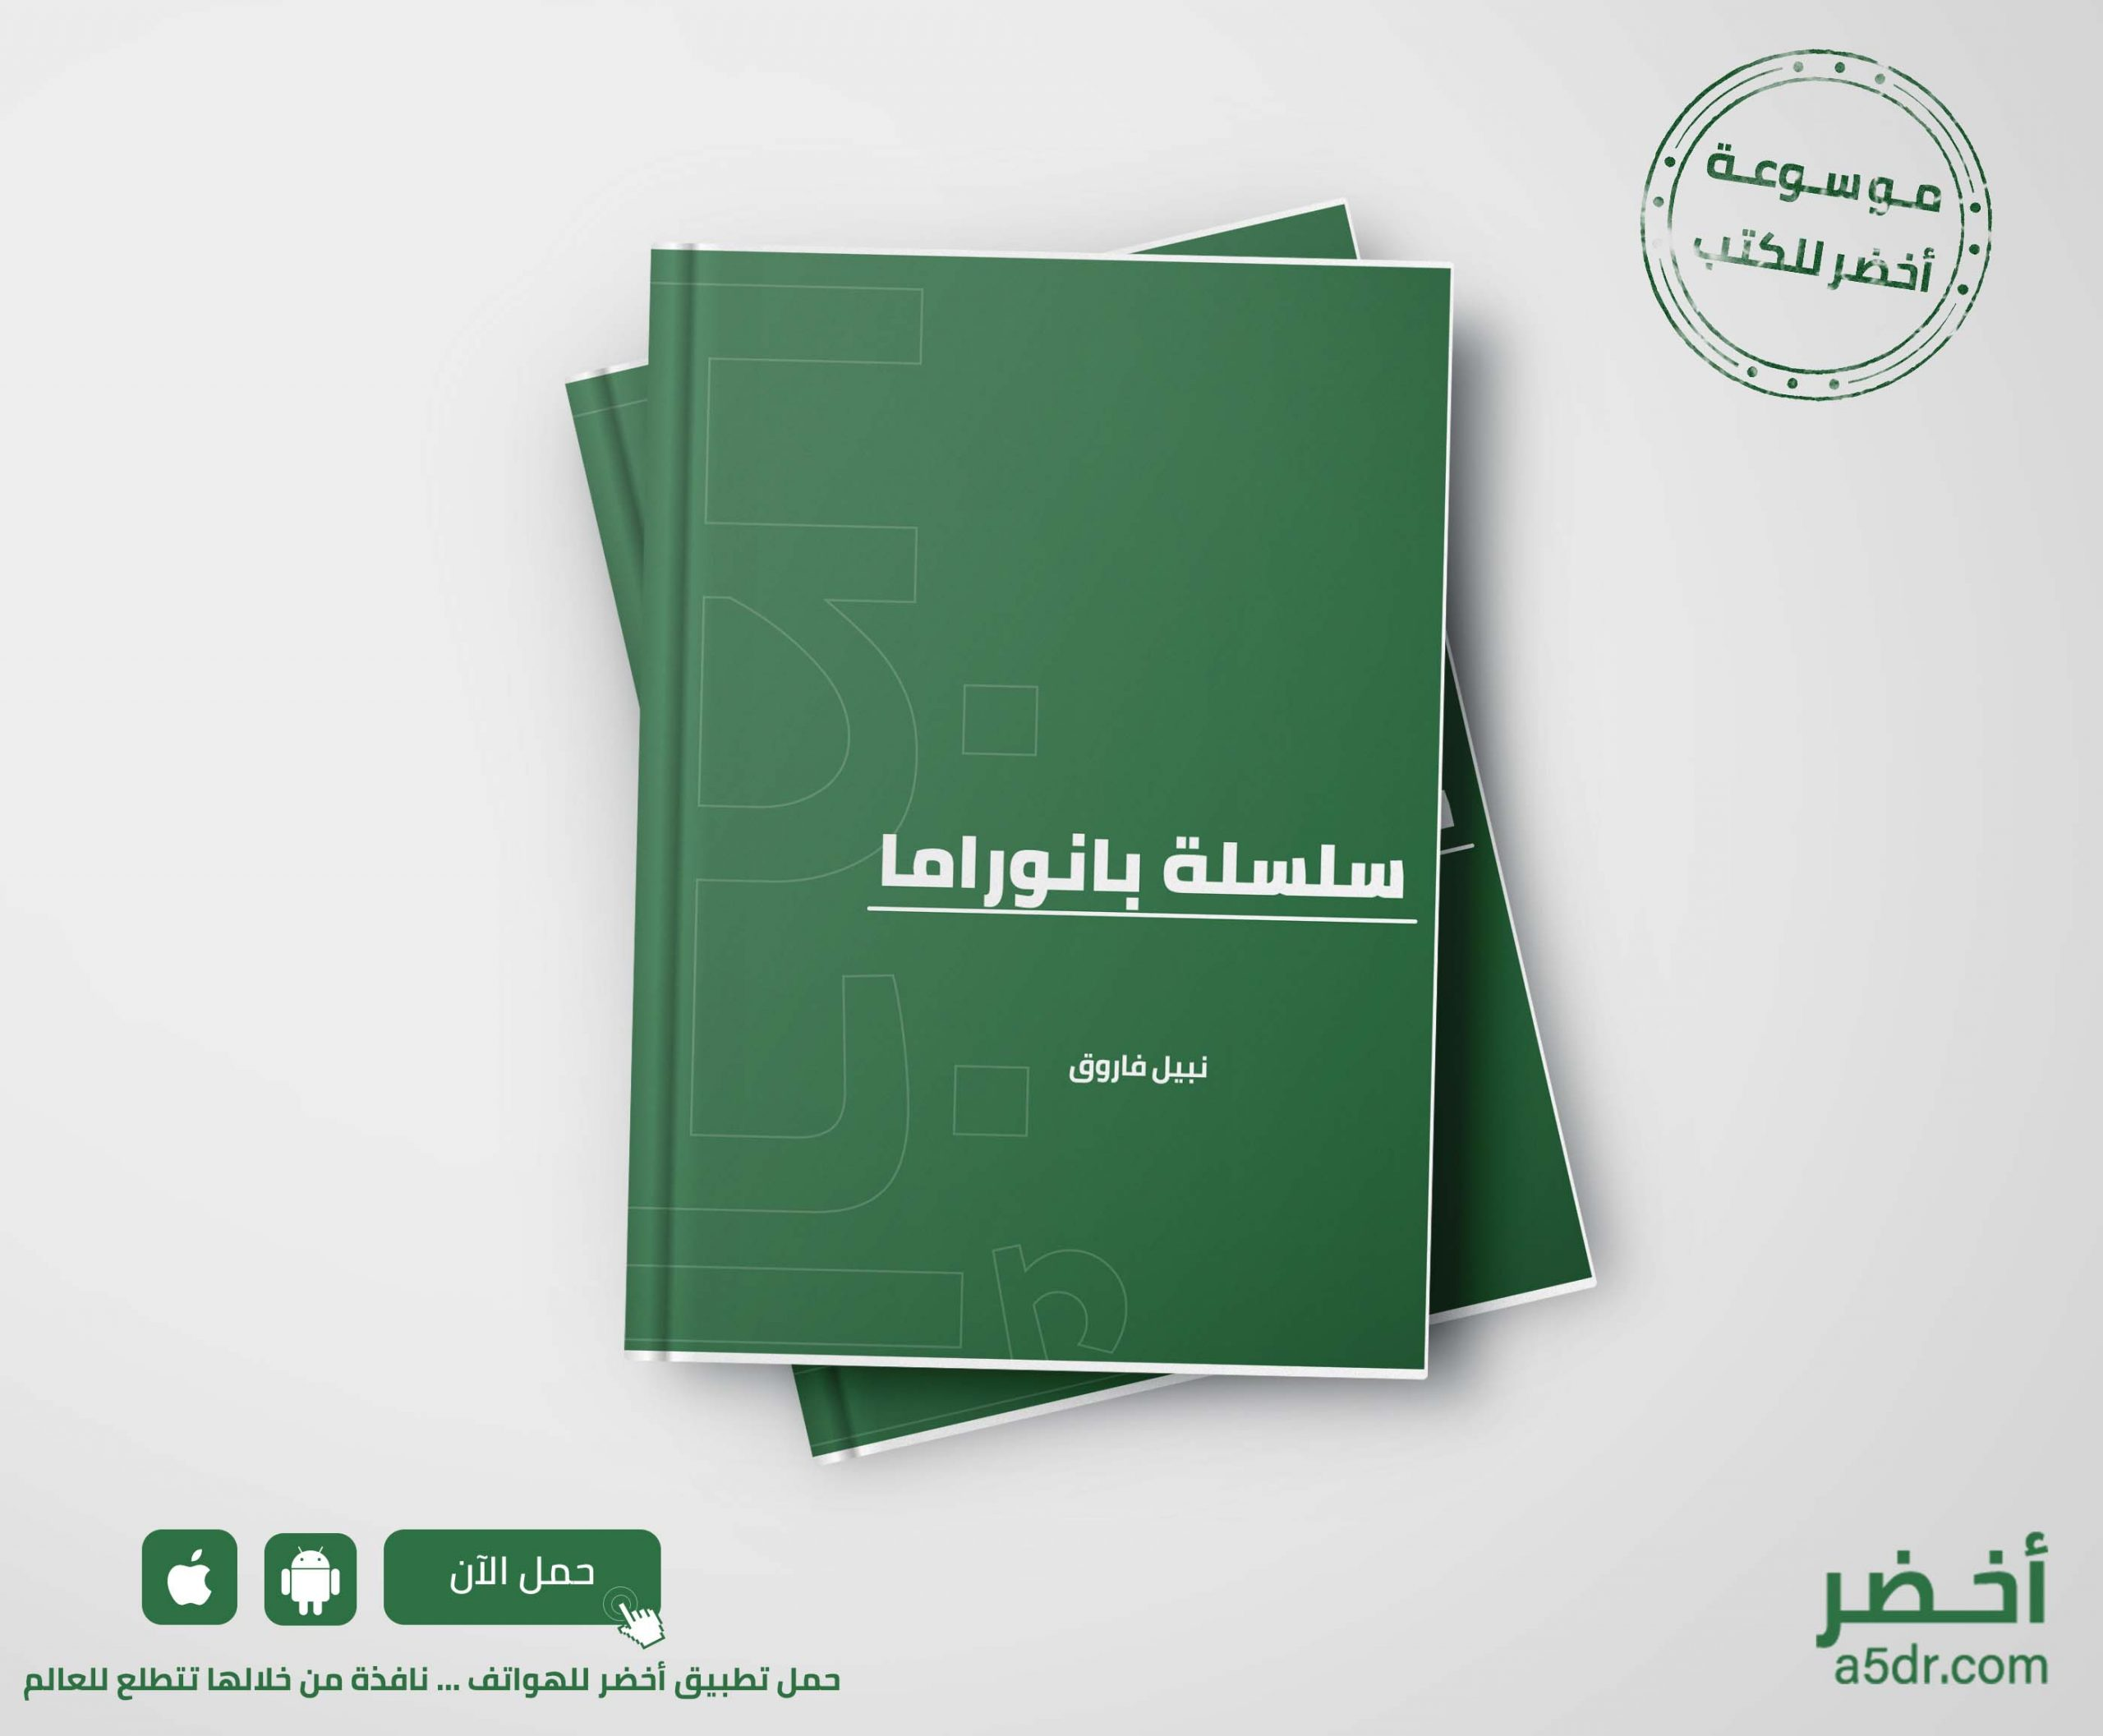 سلسلة بانوراما - نبيل فاروق